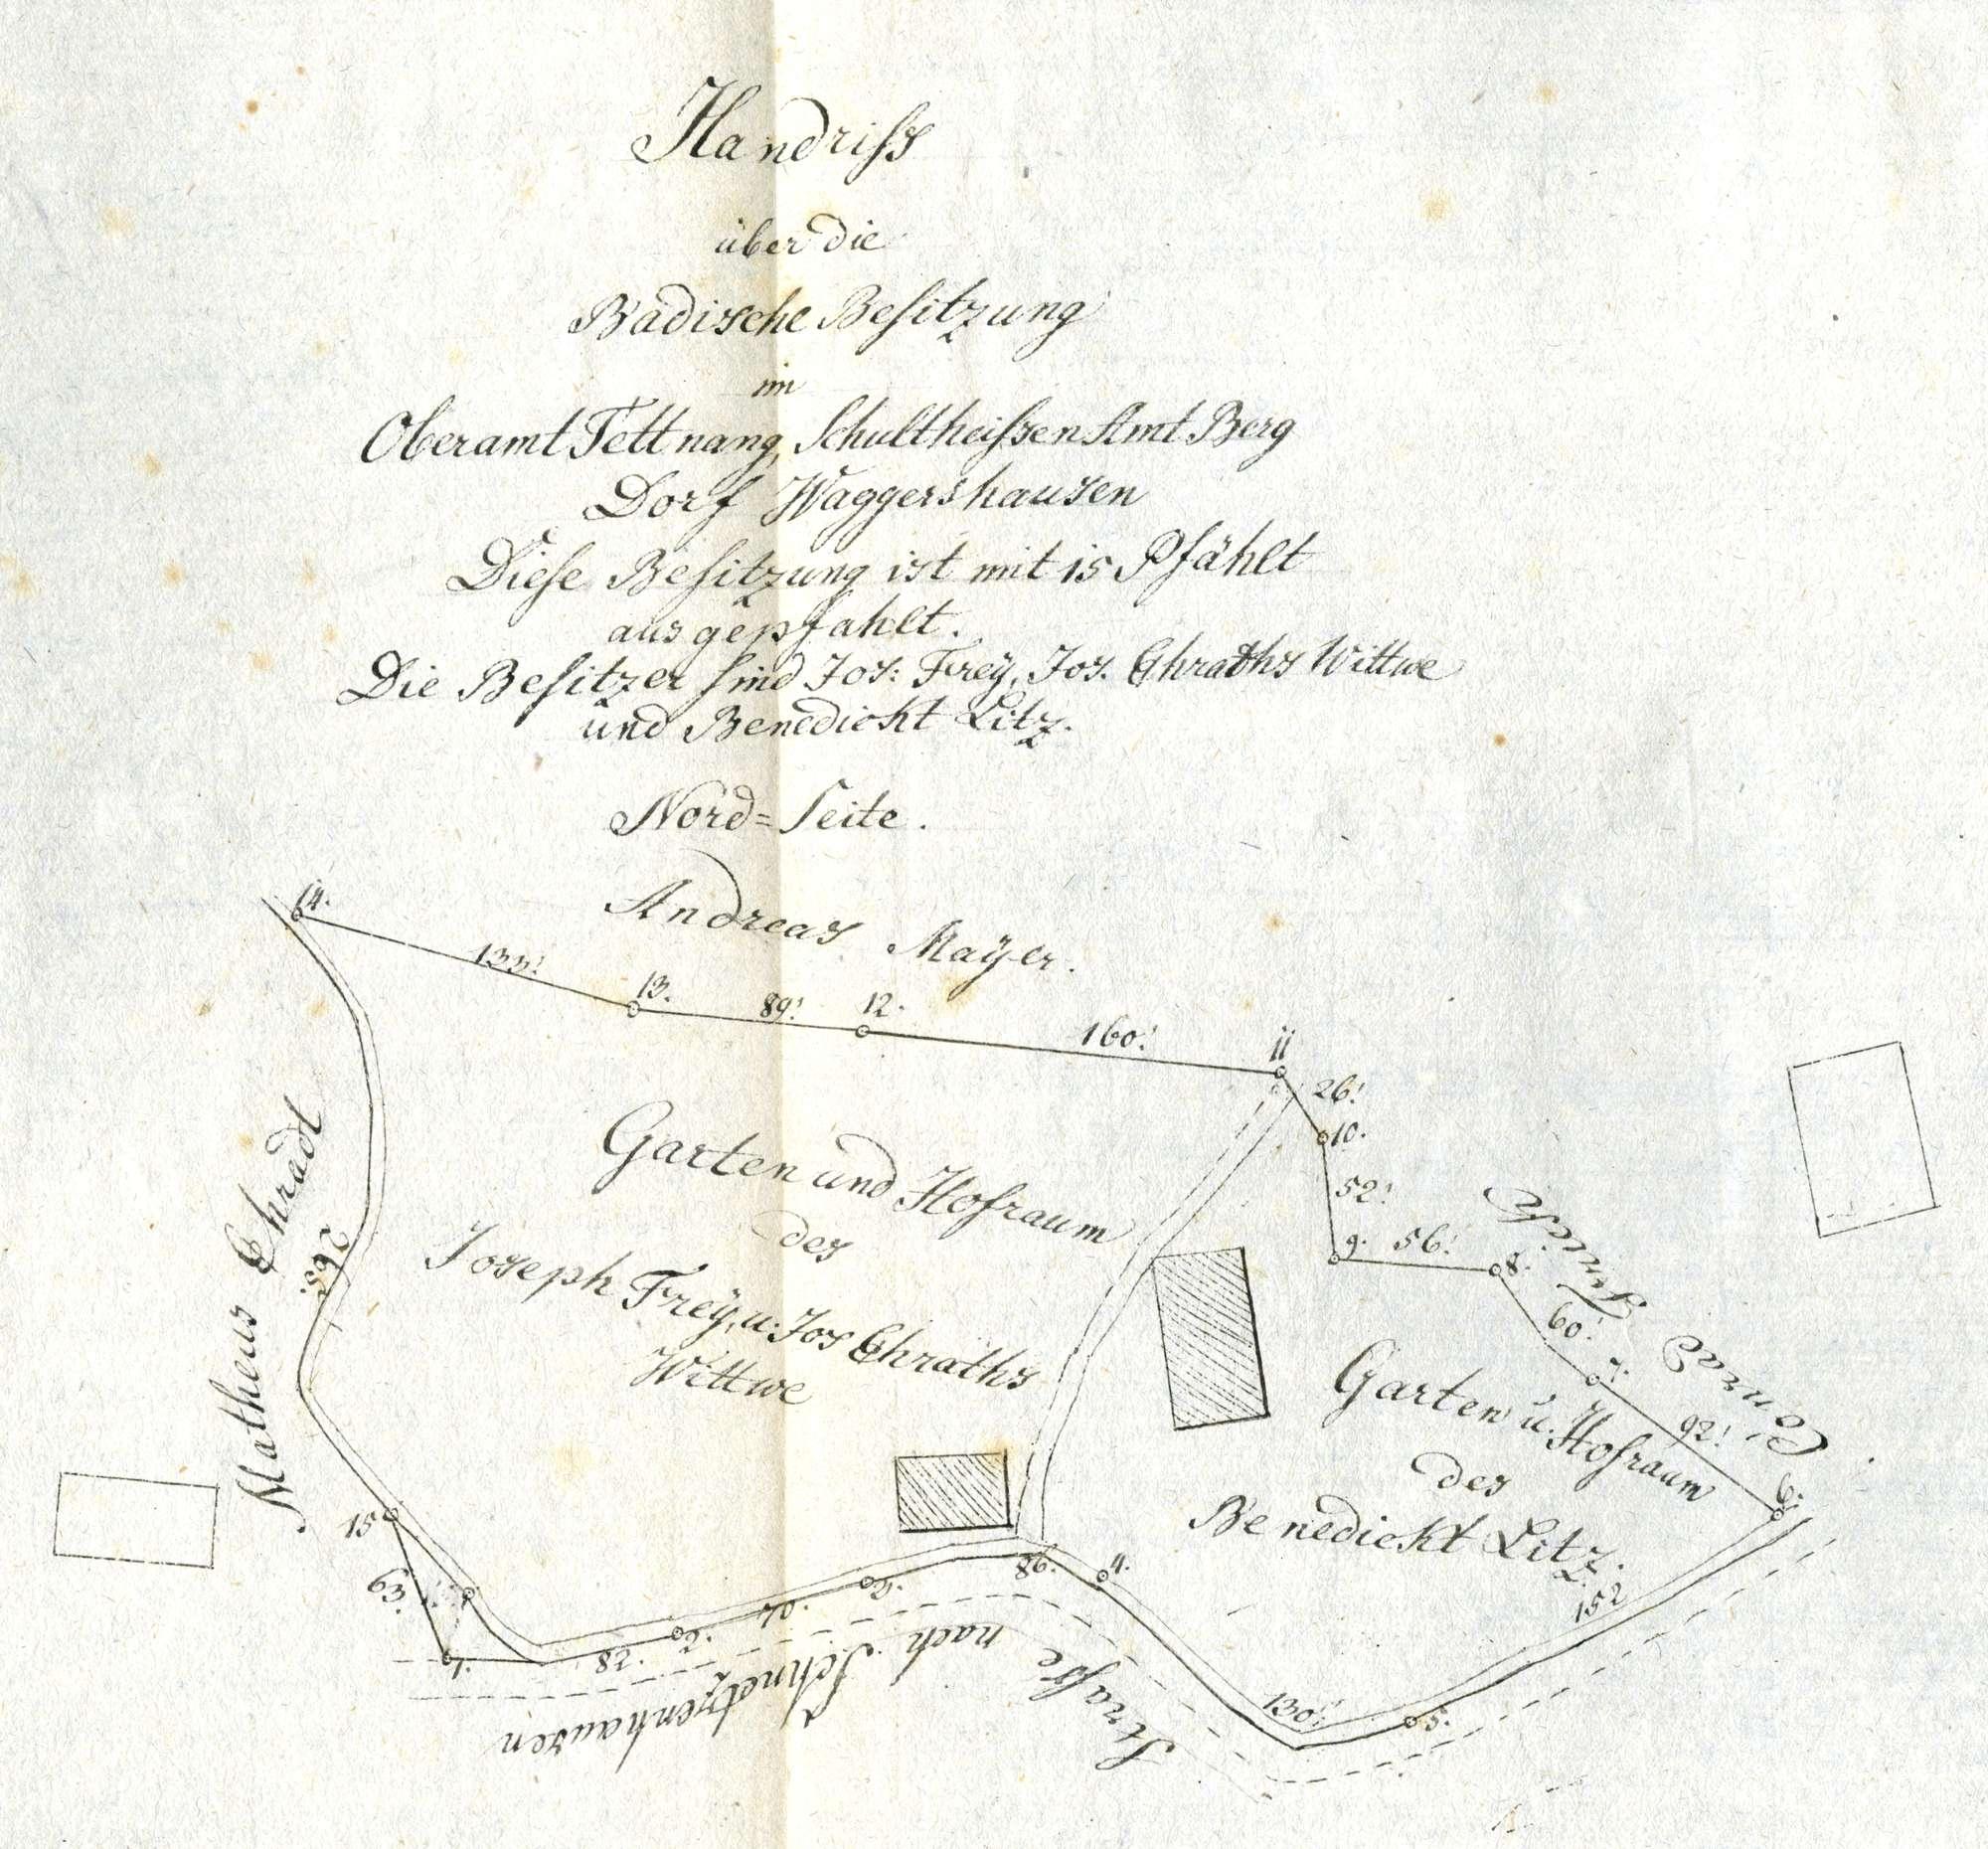 Vollzug des Staatsvertrags mit Baden vom 28. Juni 1843 zur Auflösung der Hoheitsgemeinschaft in den Orten Widdern (Landkreis Heilbronn) und Edelfingen (Main-Tauber-Kreis); Grenzberichtigung mit Baden, Bild 1